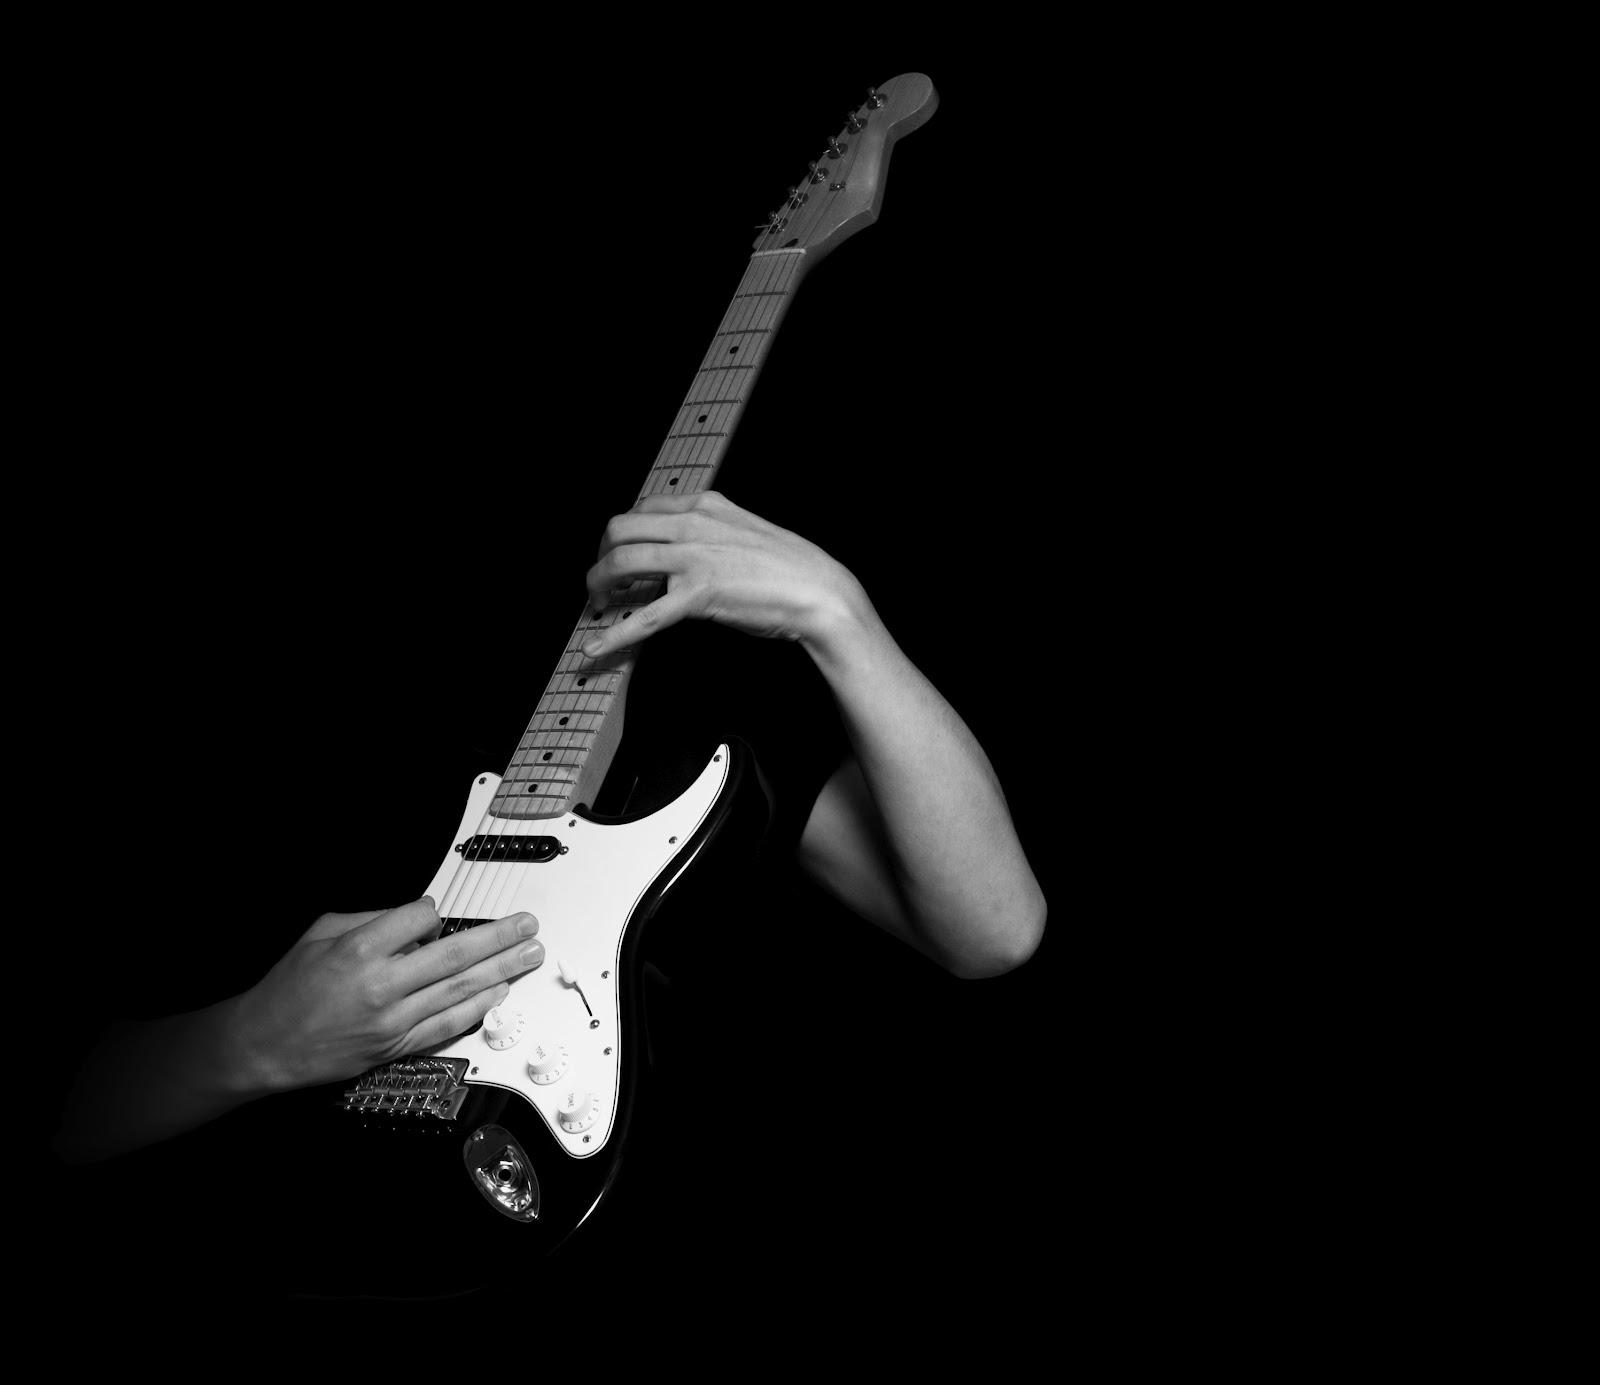 Guitar Wallpaper Hd For Desktop: BEST HD GUITAR WALLAPPERS